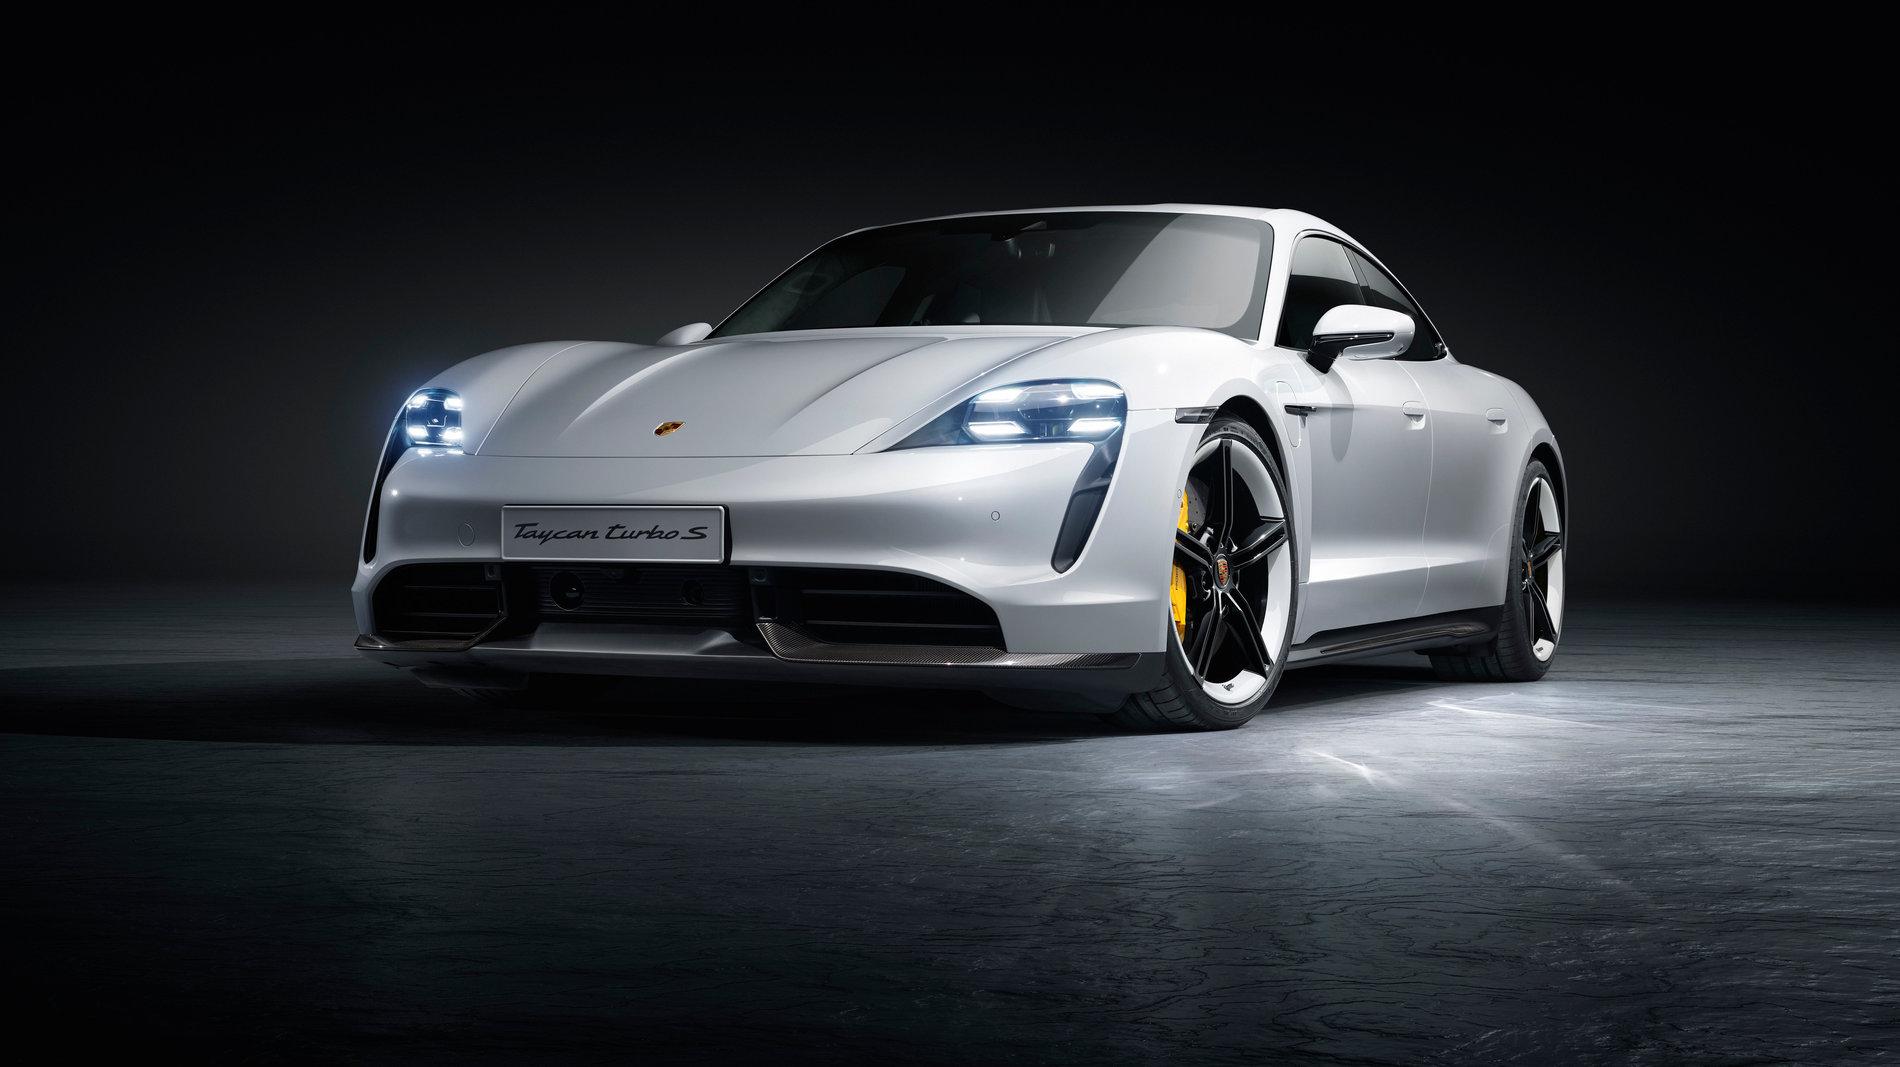 2020 Porsche Taycan Official Specs Info Wallpapers Videos 1900x1067